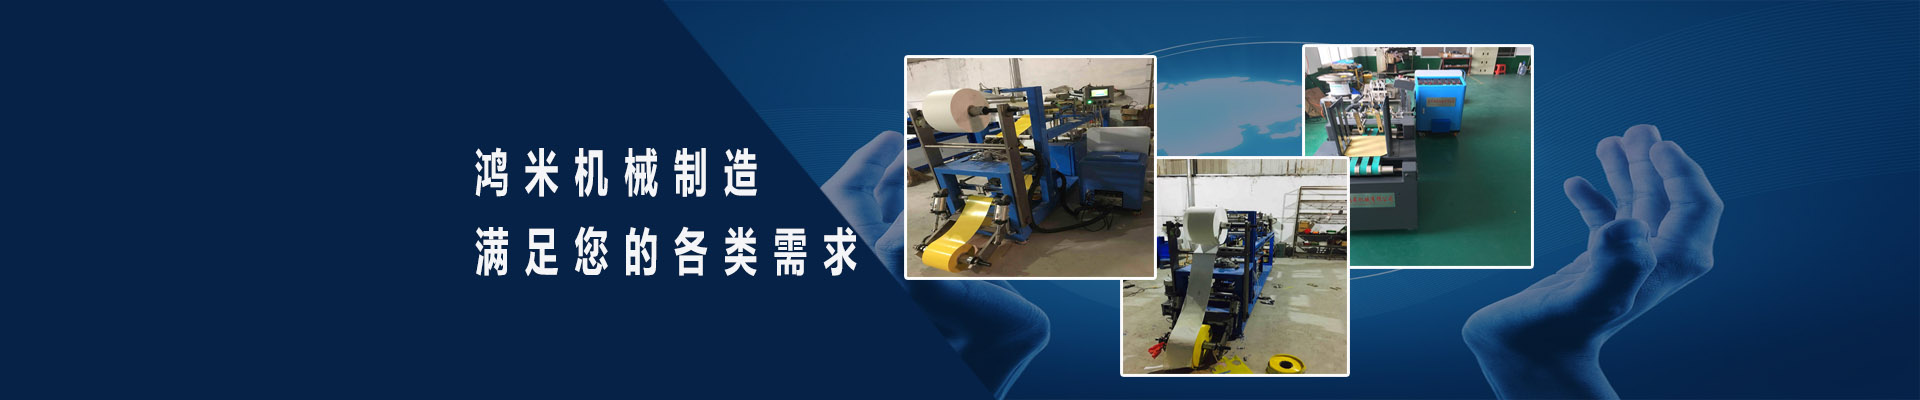 泉州鸿米机械有限公司